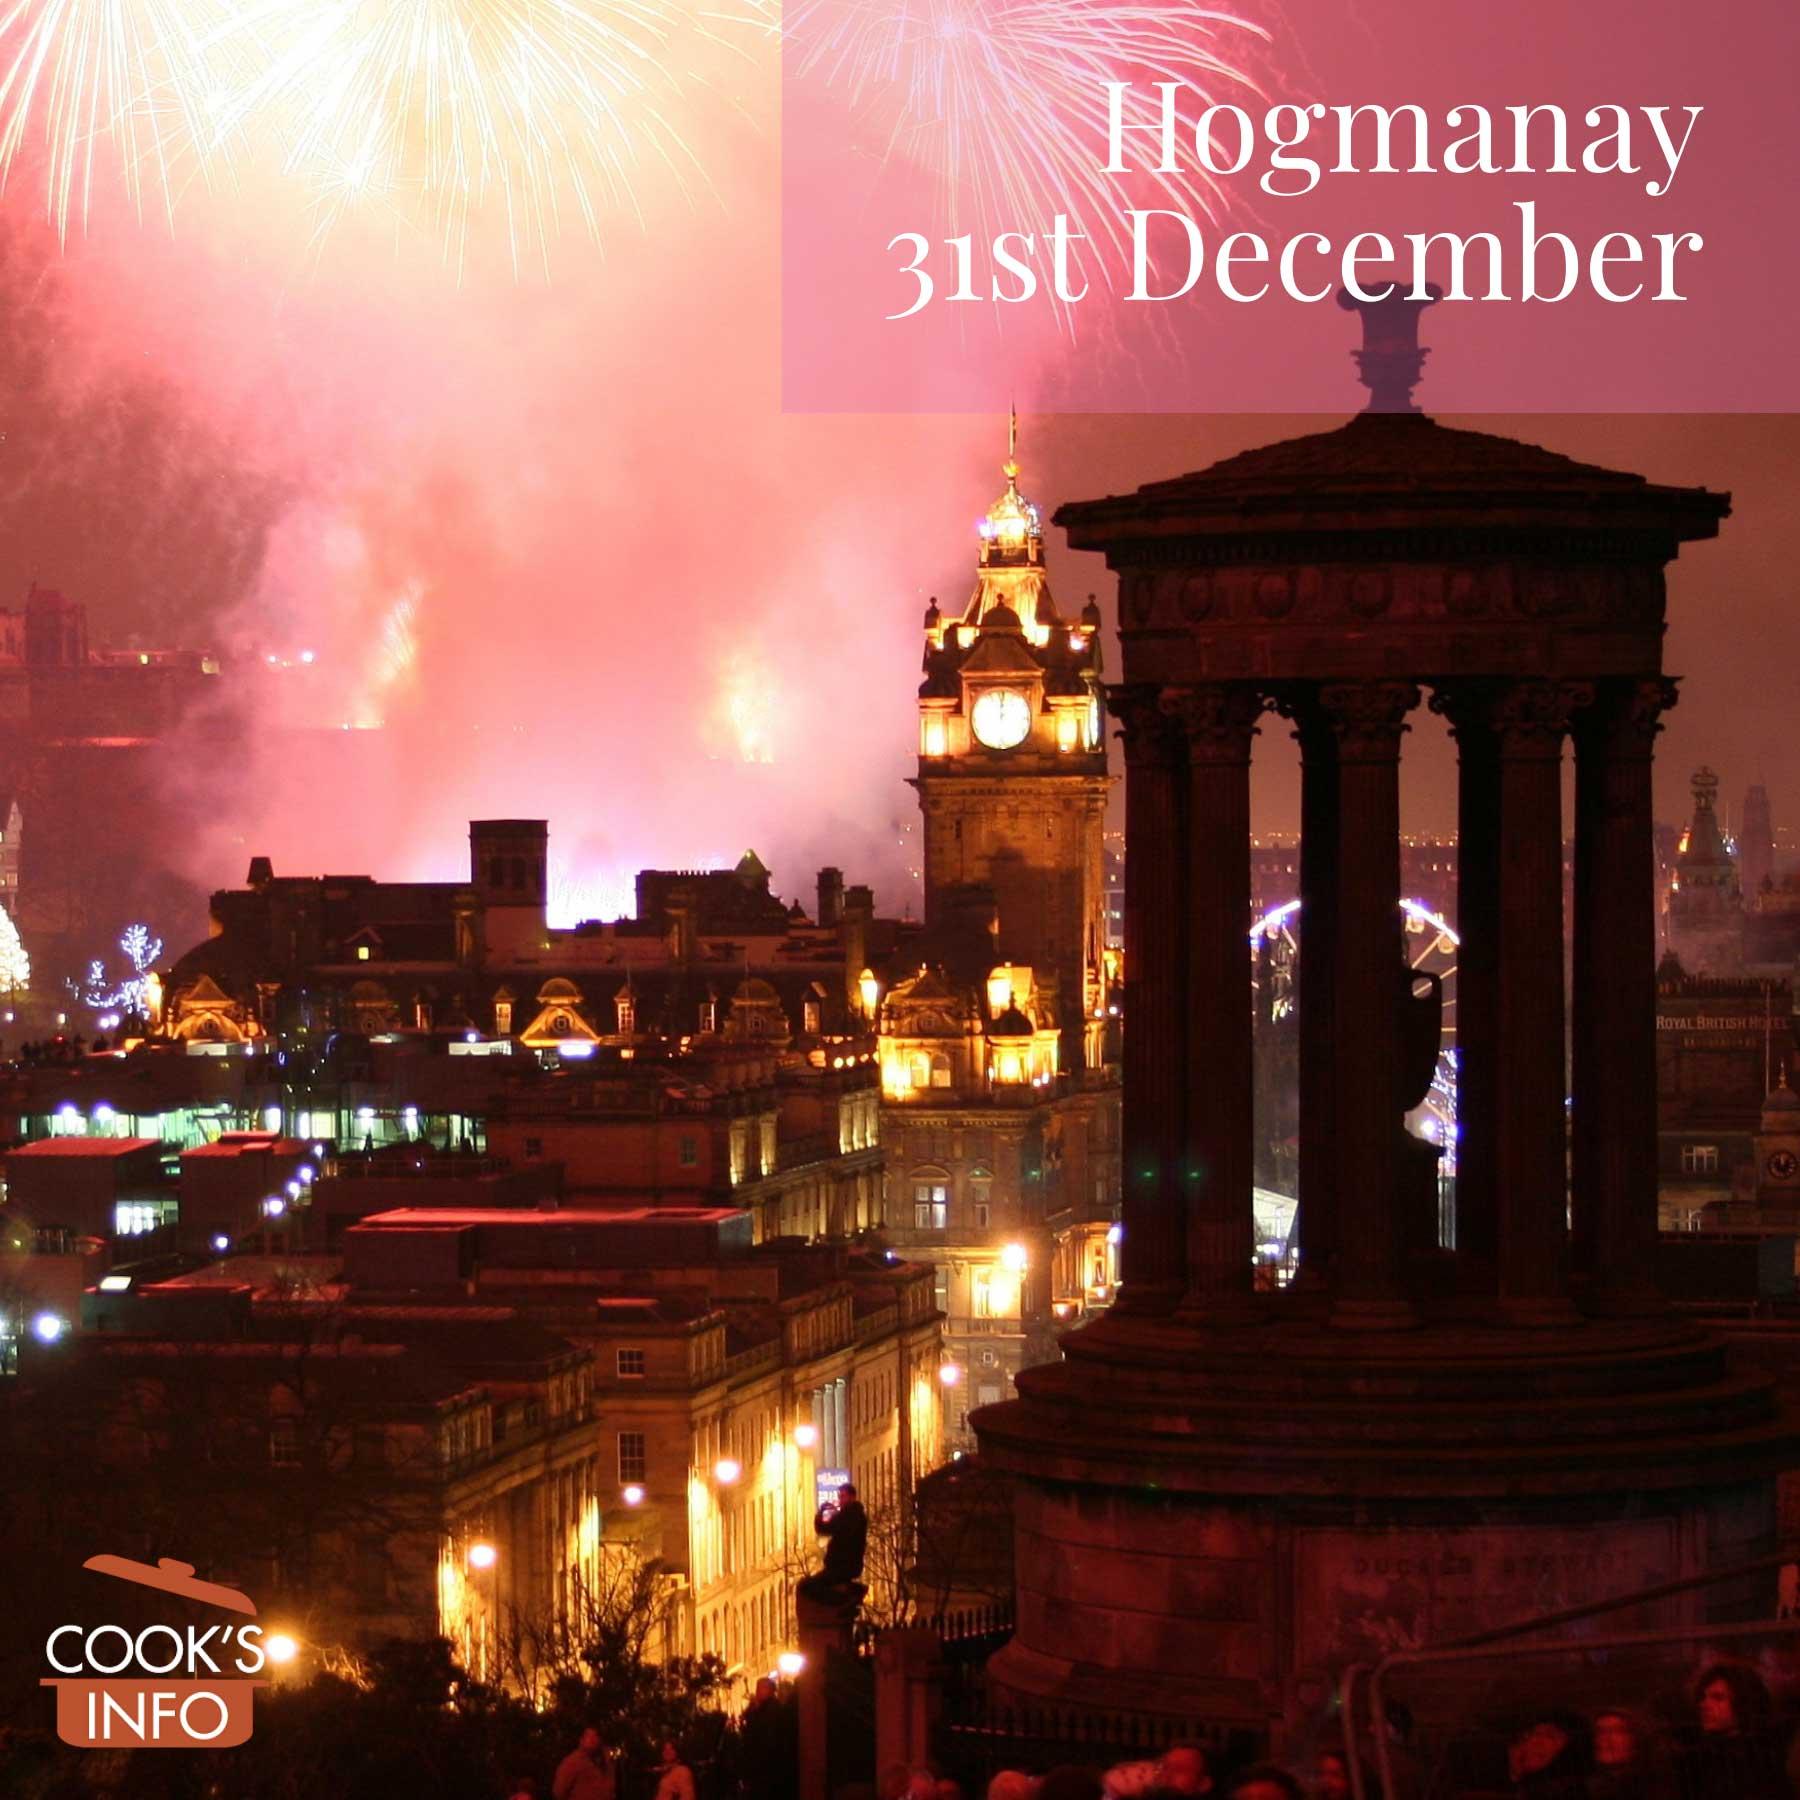 Fireworks over Edinburgh at Hogmanay